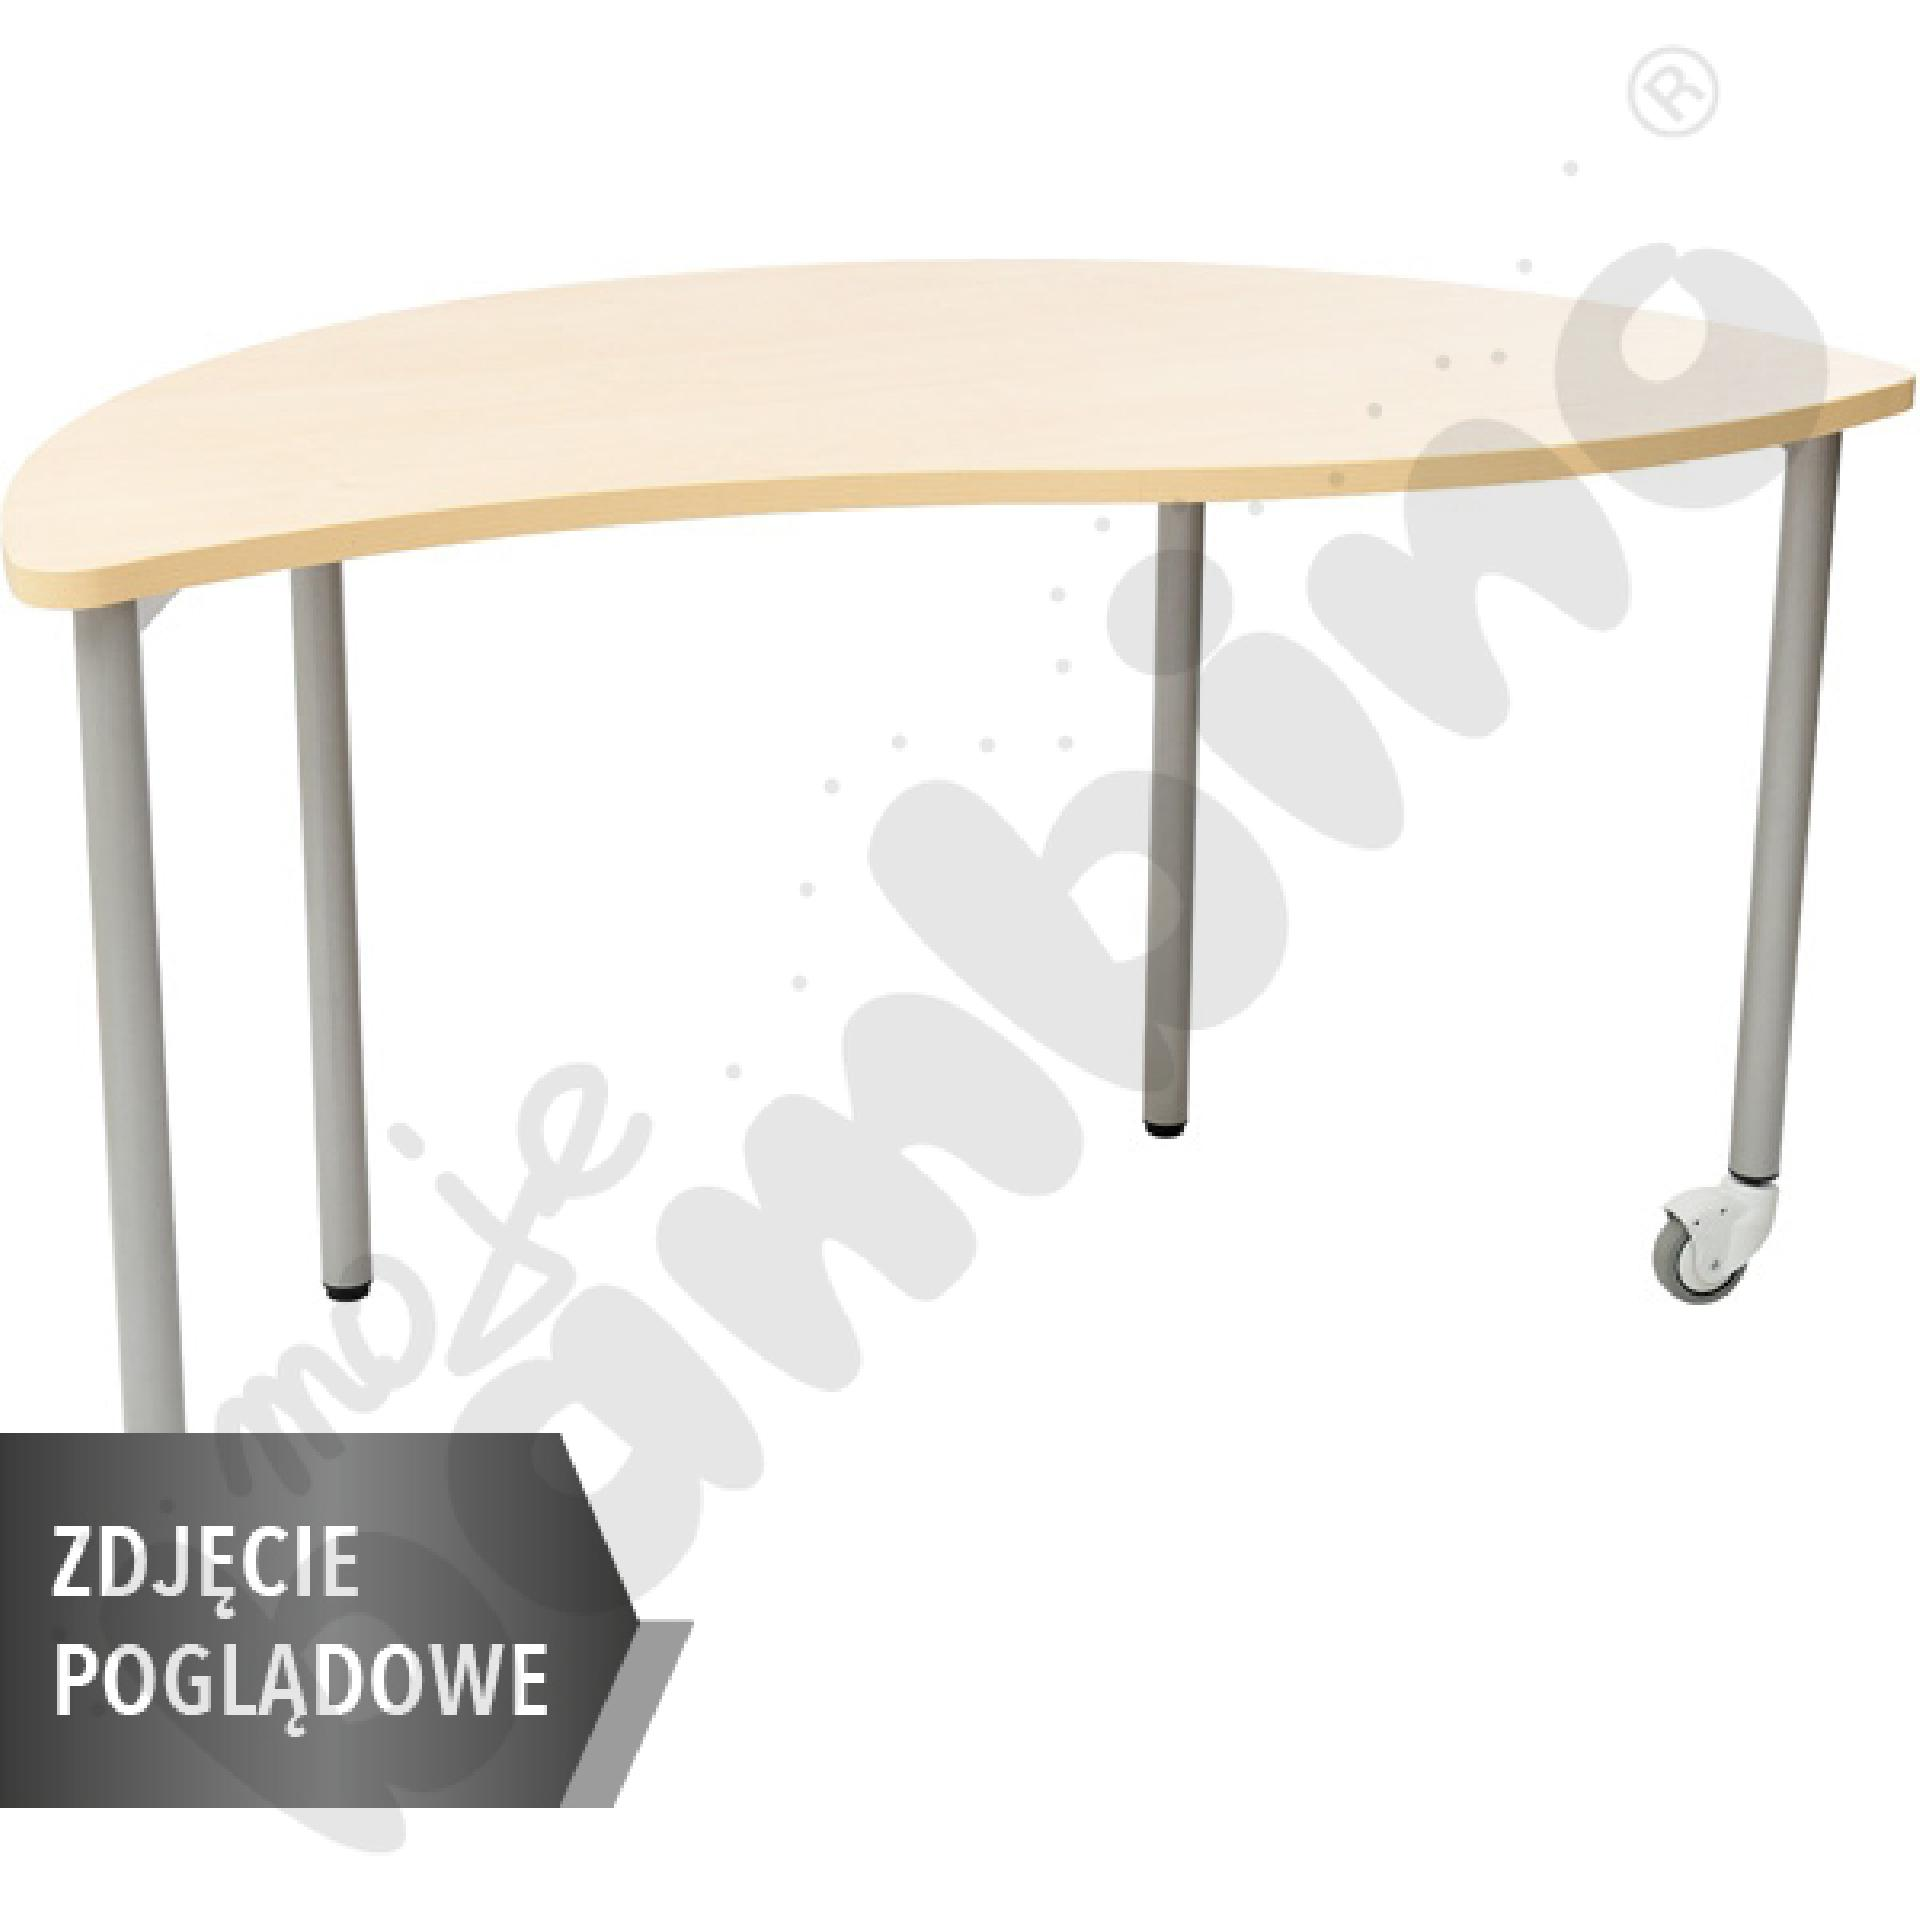 Stół Mila półokrągły z falą, mobilny, rozm. 6 - brzoza